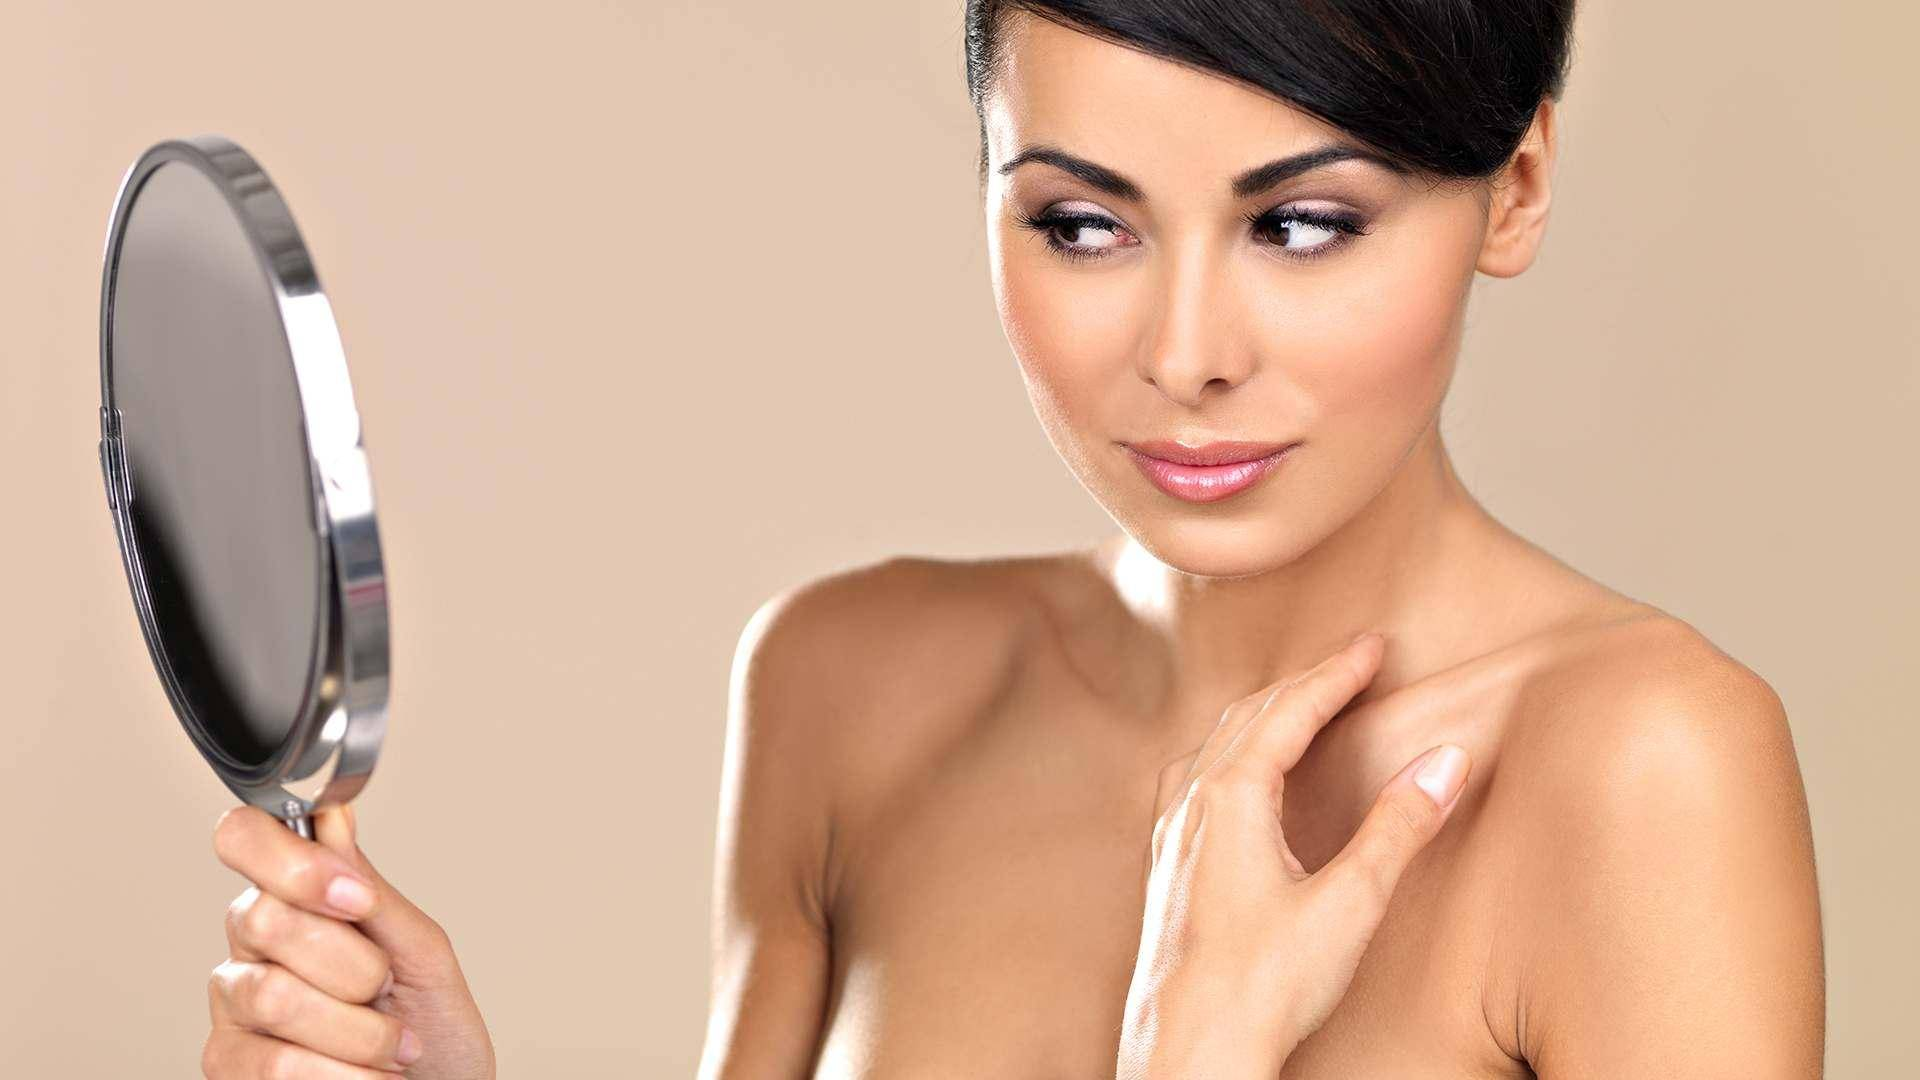 Опасно ли появление бородавок или папиллом на груди и как их удалить?